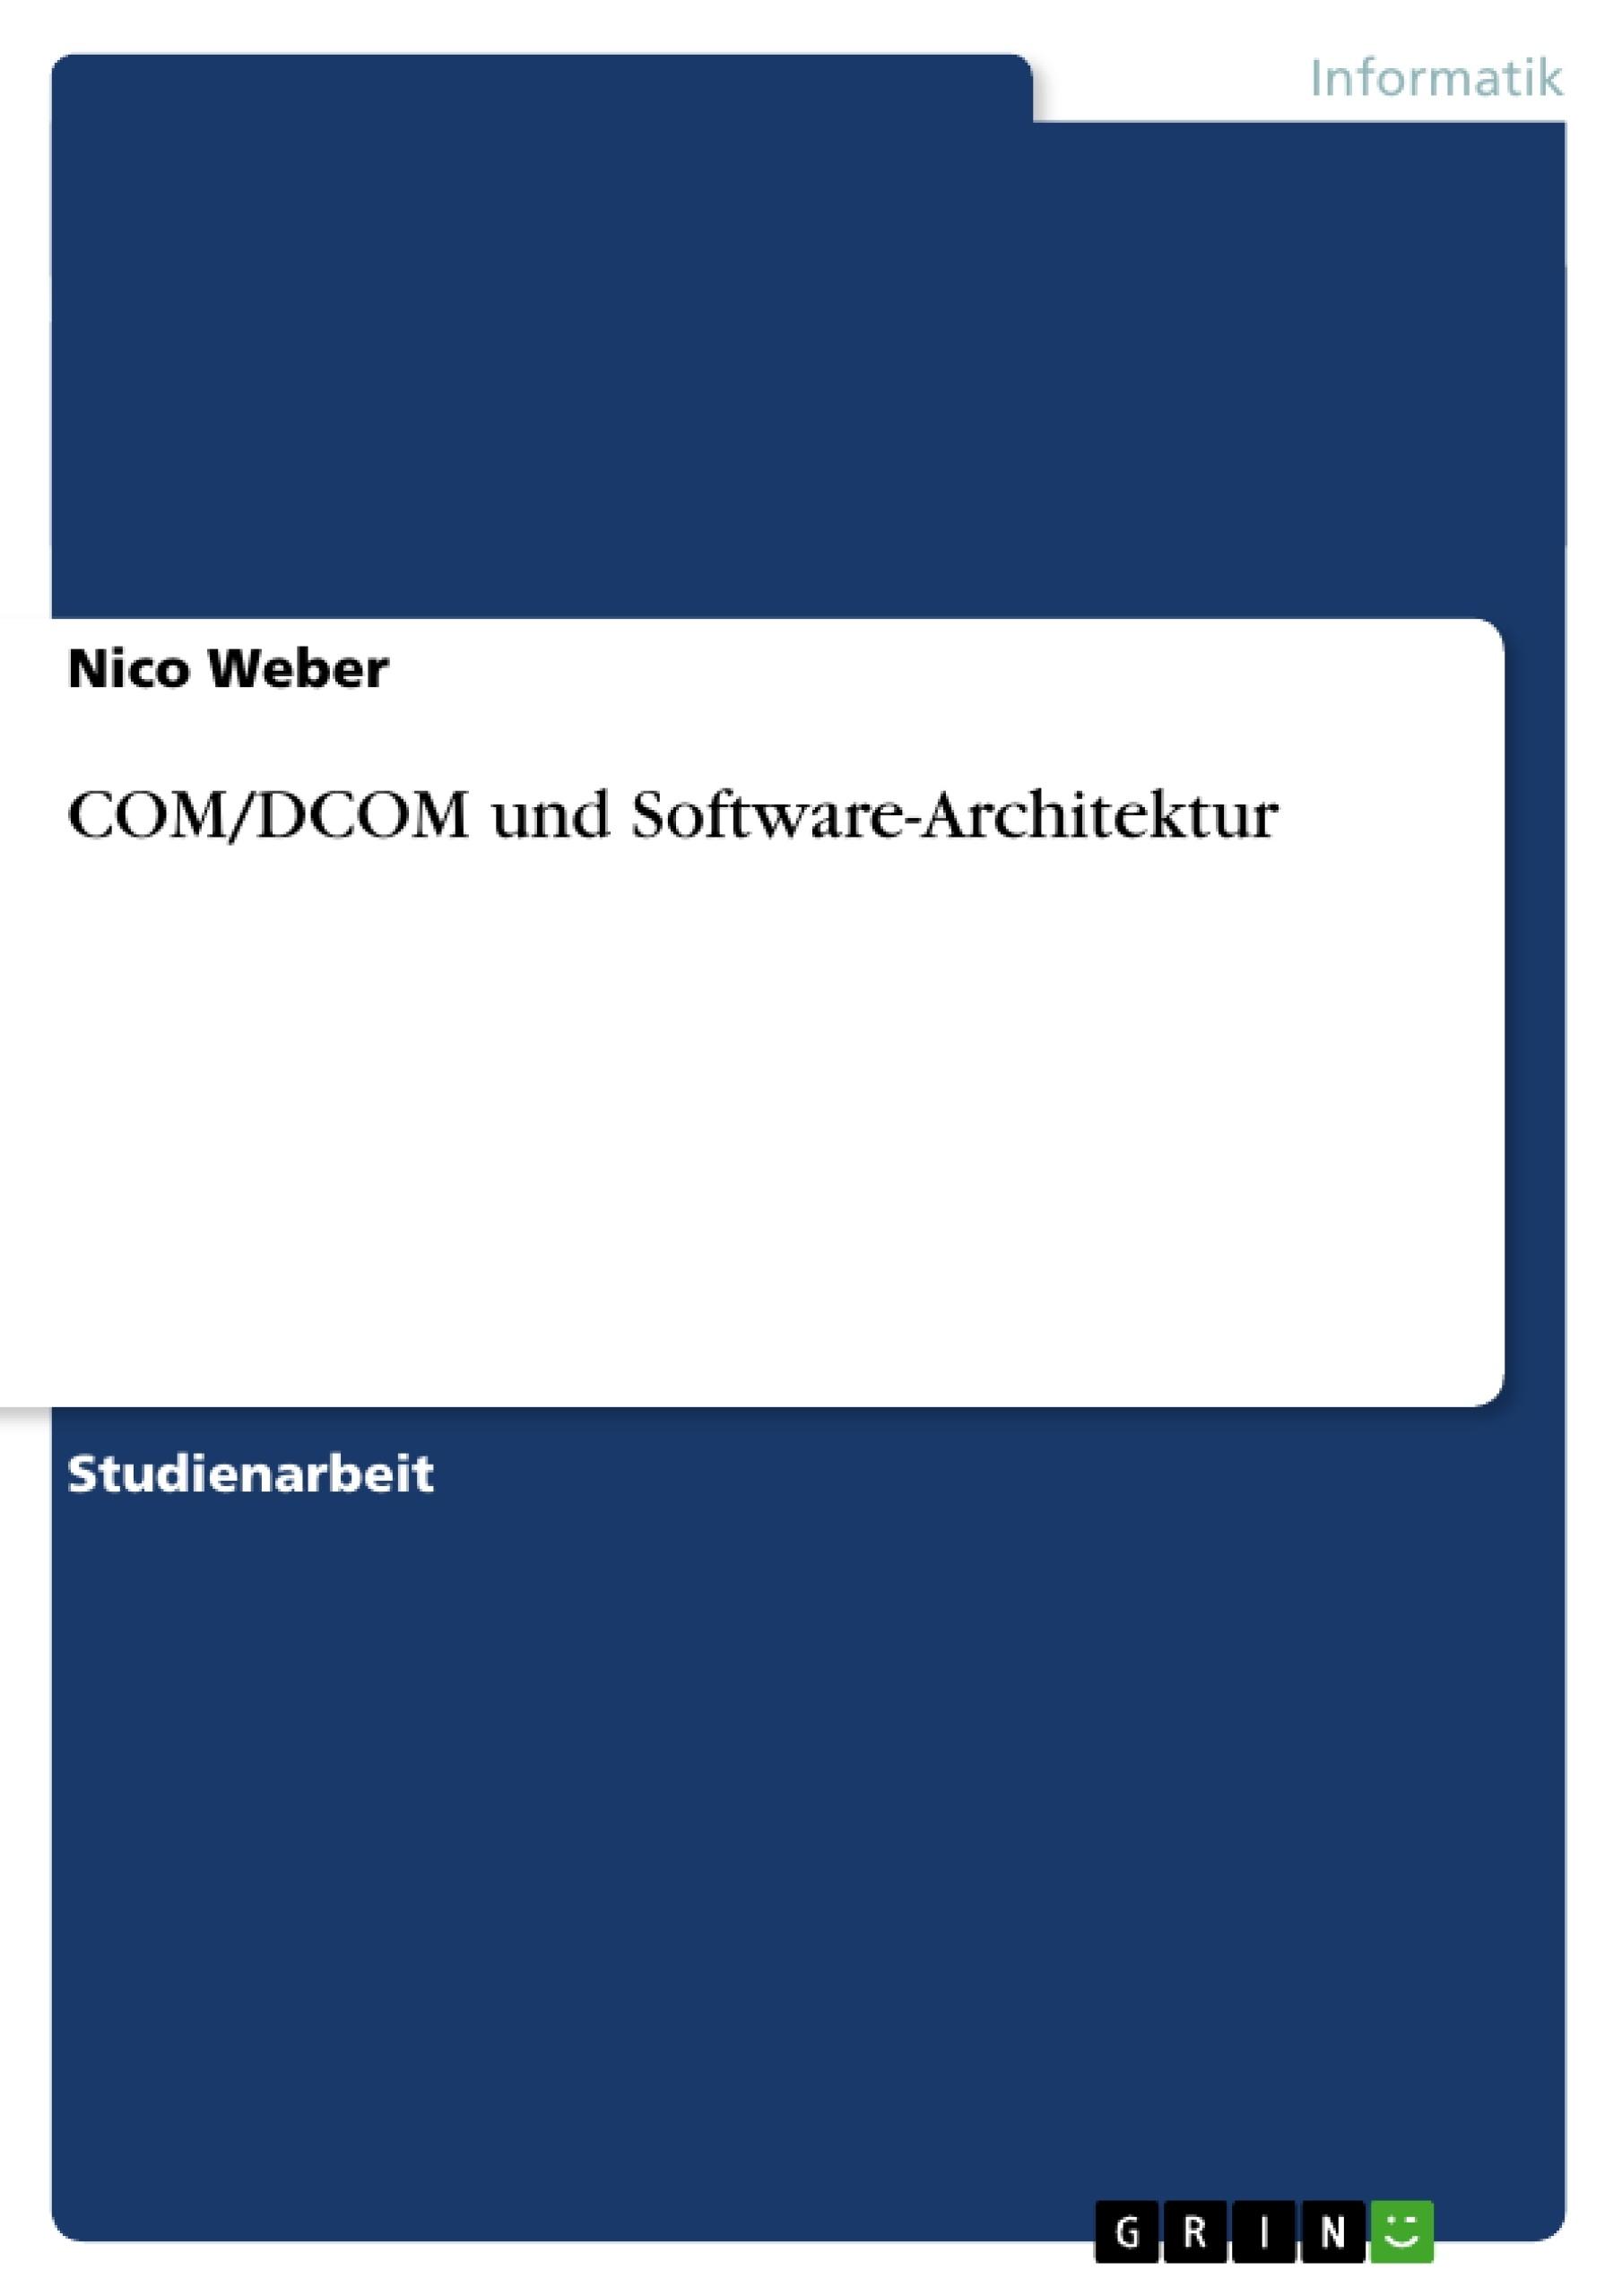 Com dcom und software architektur masterarbeit for Masterarbeit architektur